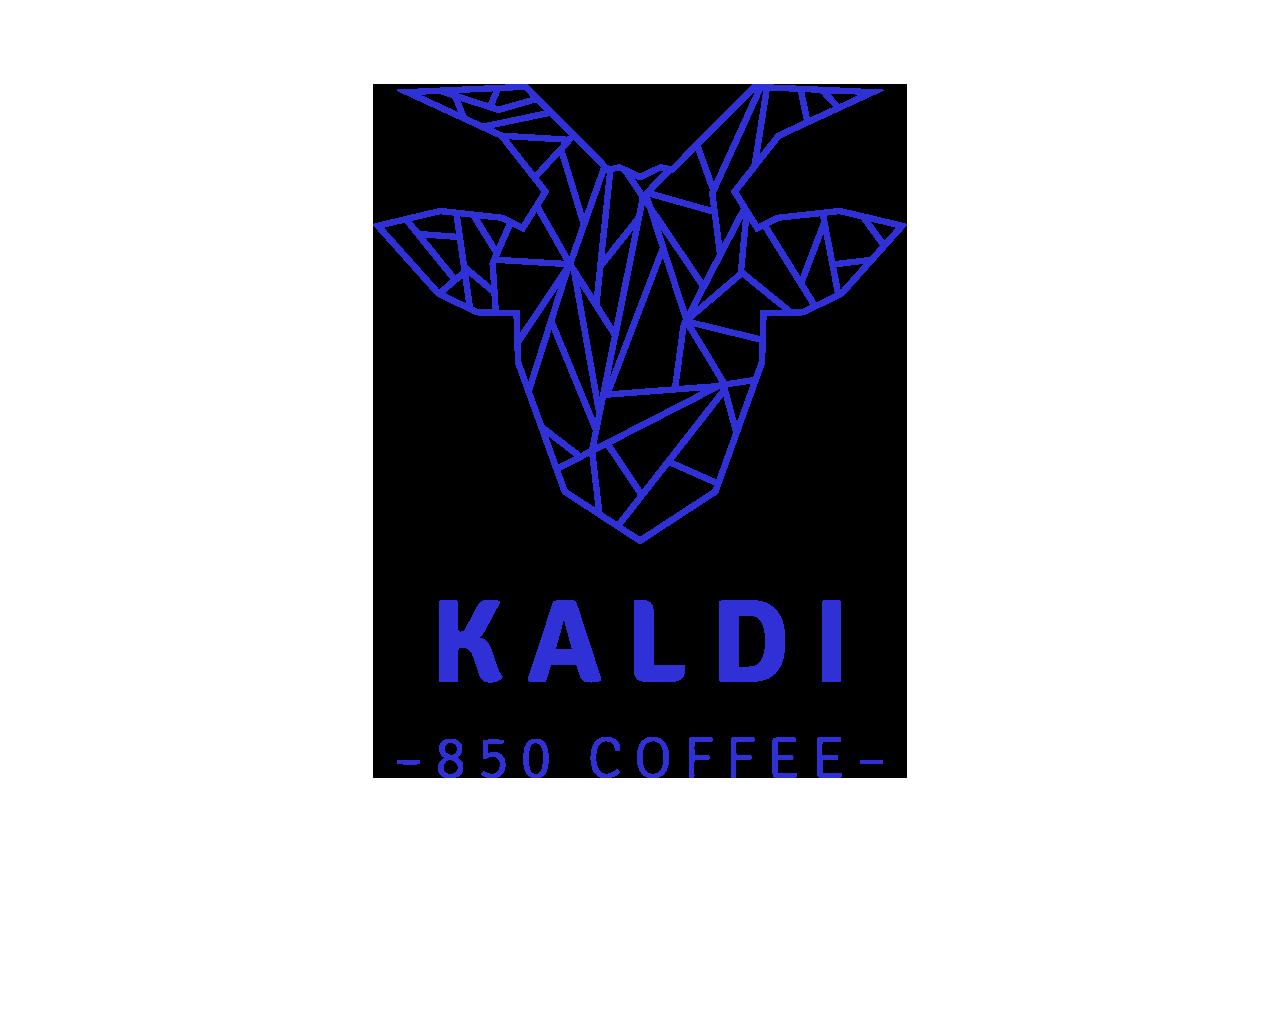 https://www.mncjobsgulf.com/company/kaldi850-coffee-1619523180